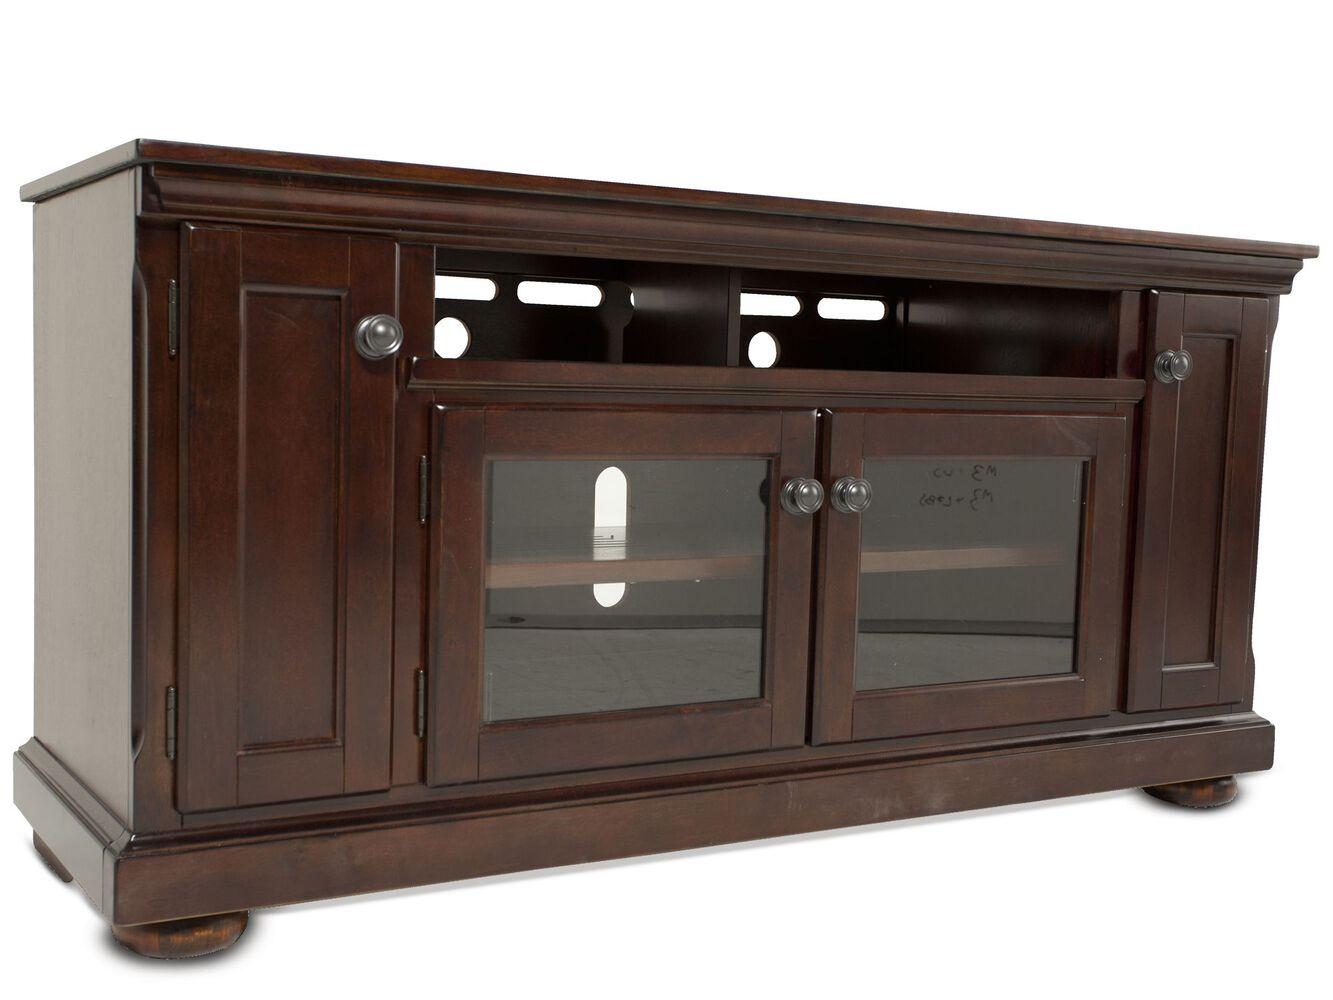 twoglass door traditional tv stand in dark brown  mathis  - twoglass door traditional tv stand